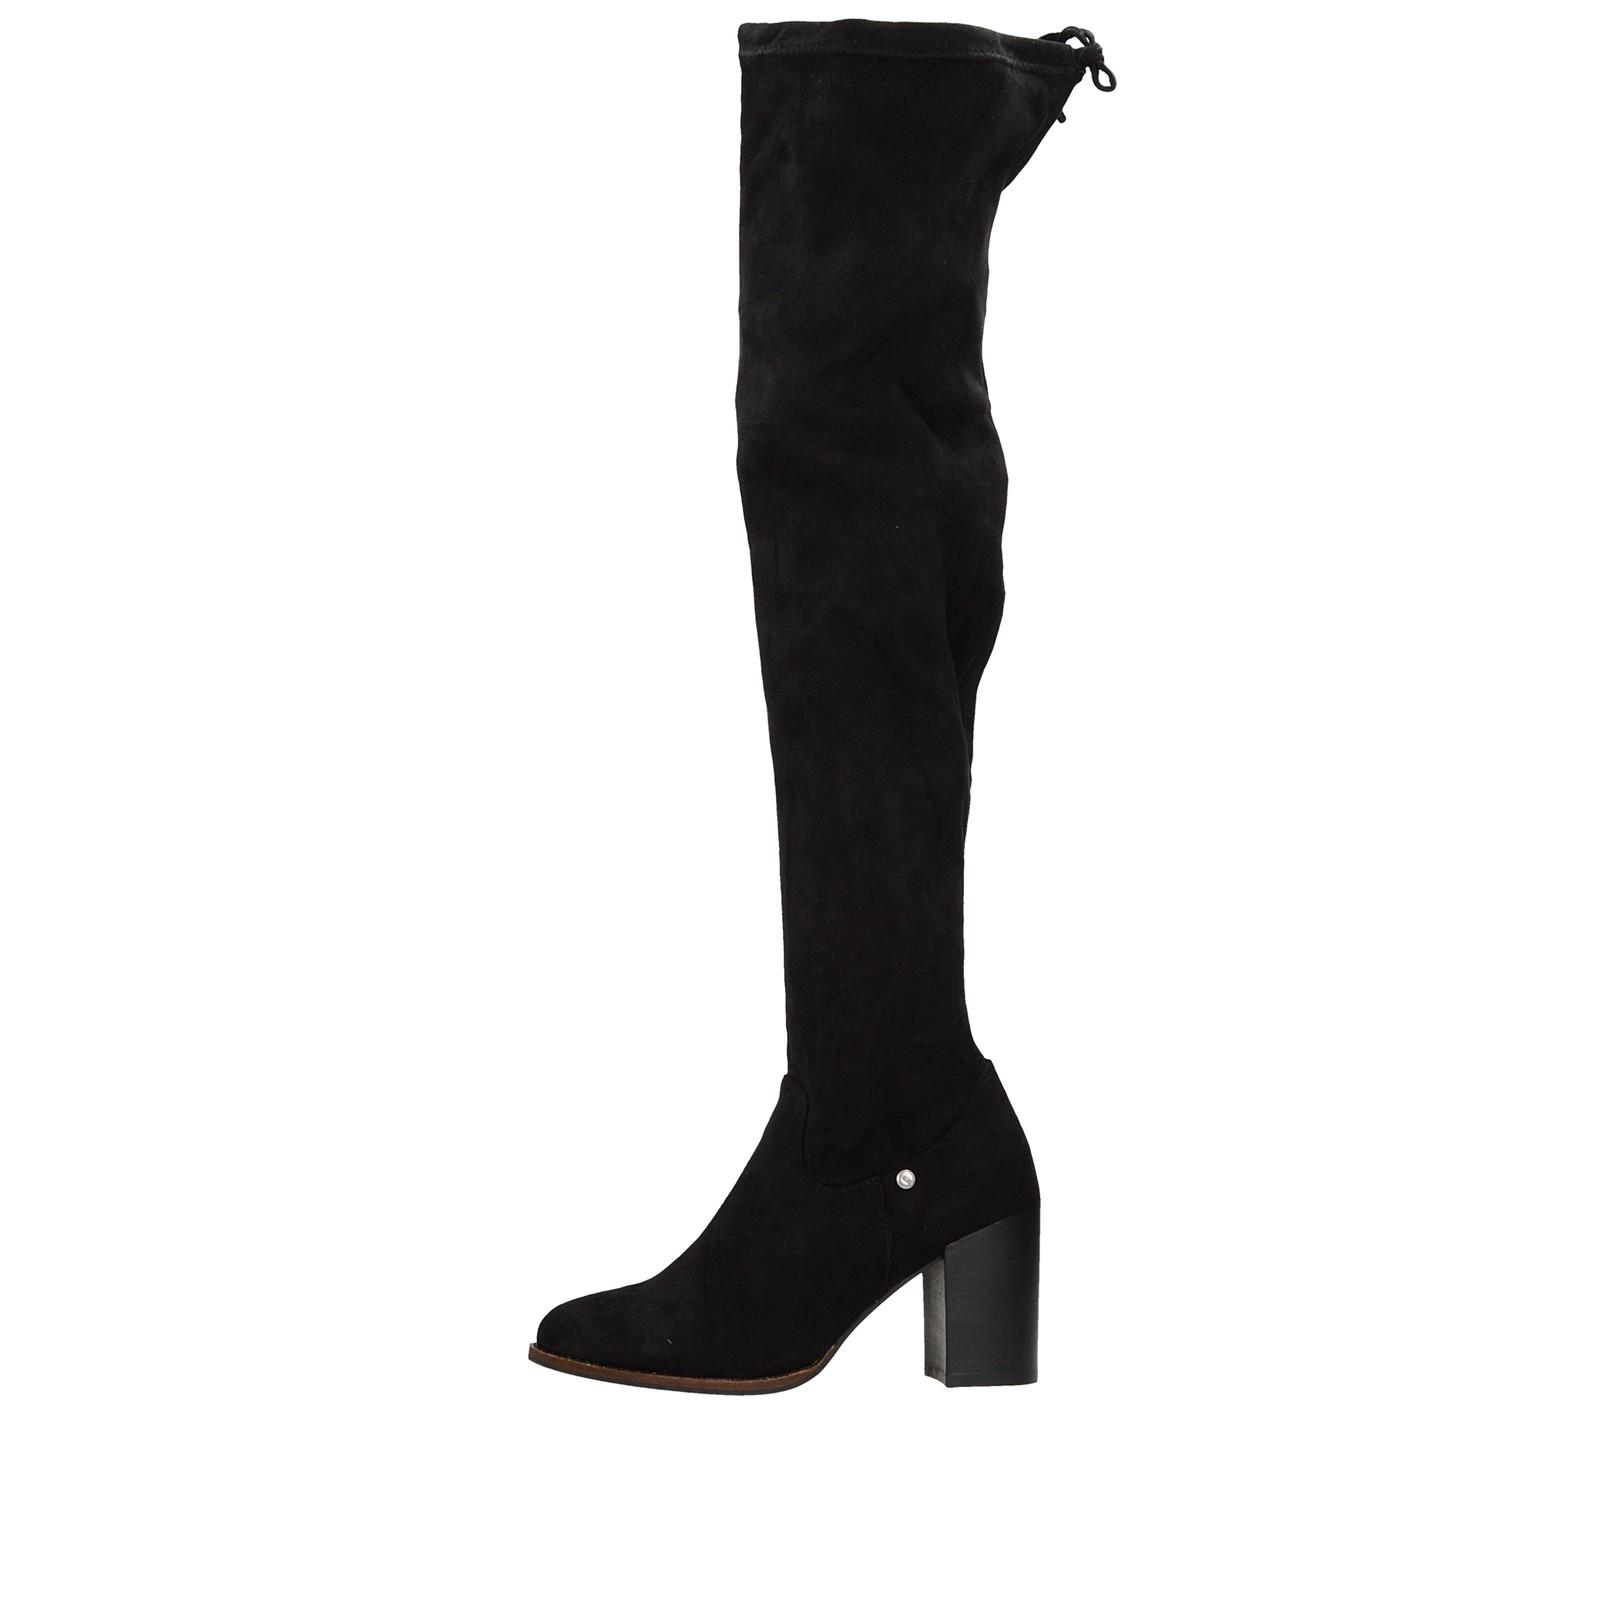 ... Big Star dámske textilné vysoké čižmy - čierne ... 5c50bba11ef